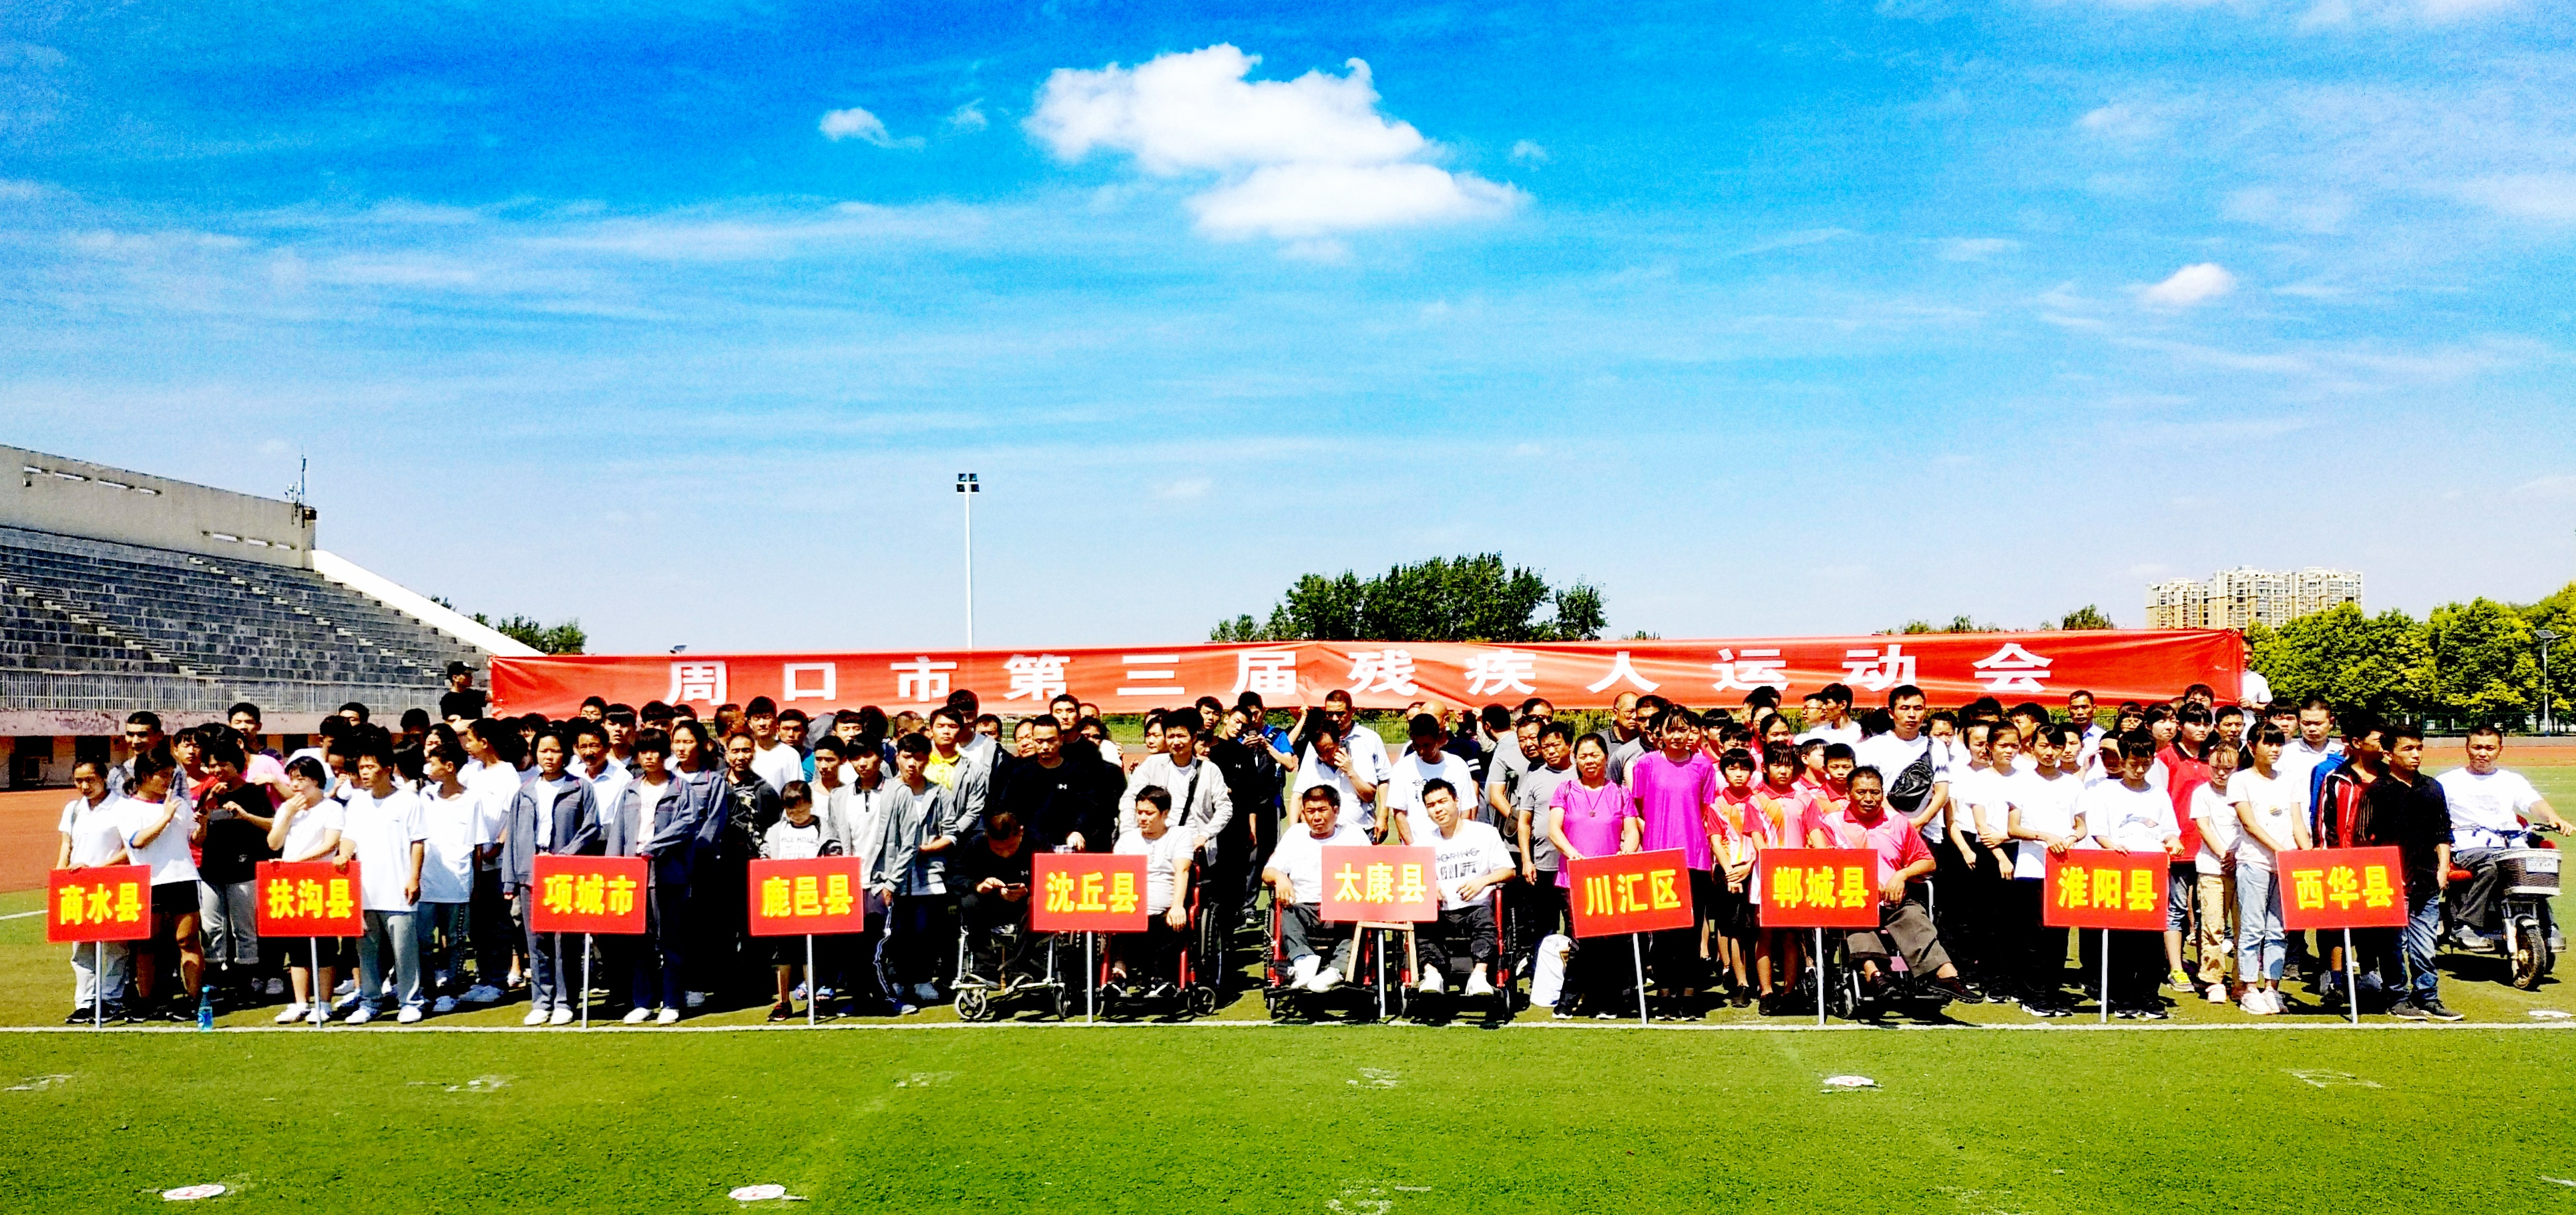 周口市举办第三届残疾人运动会,为省第七届残运会选拔人才